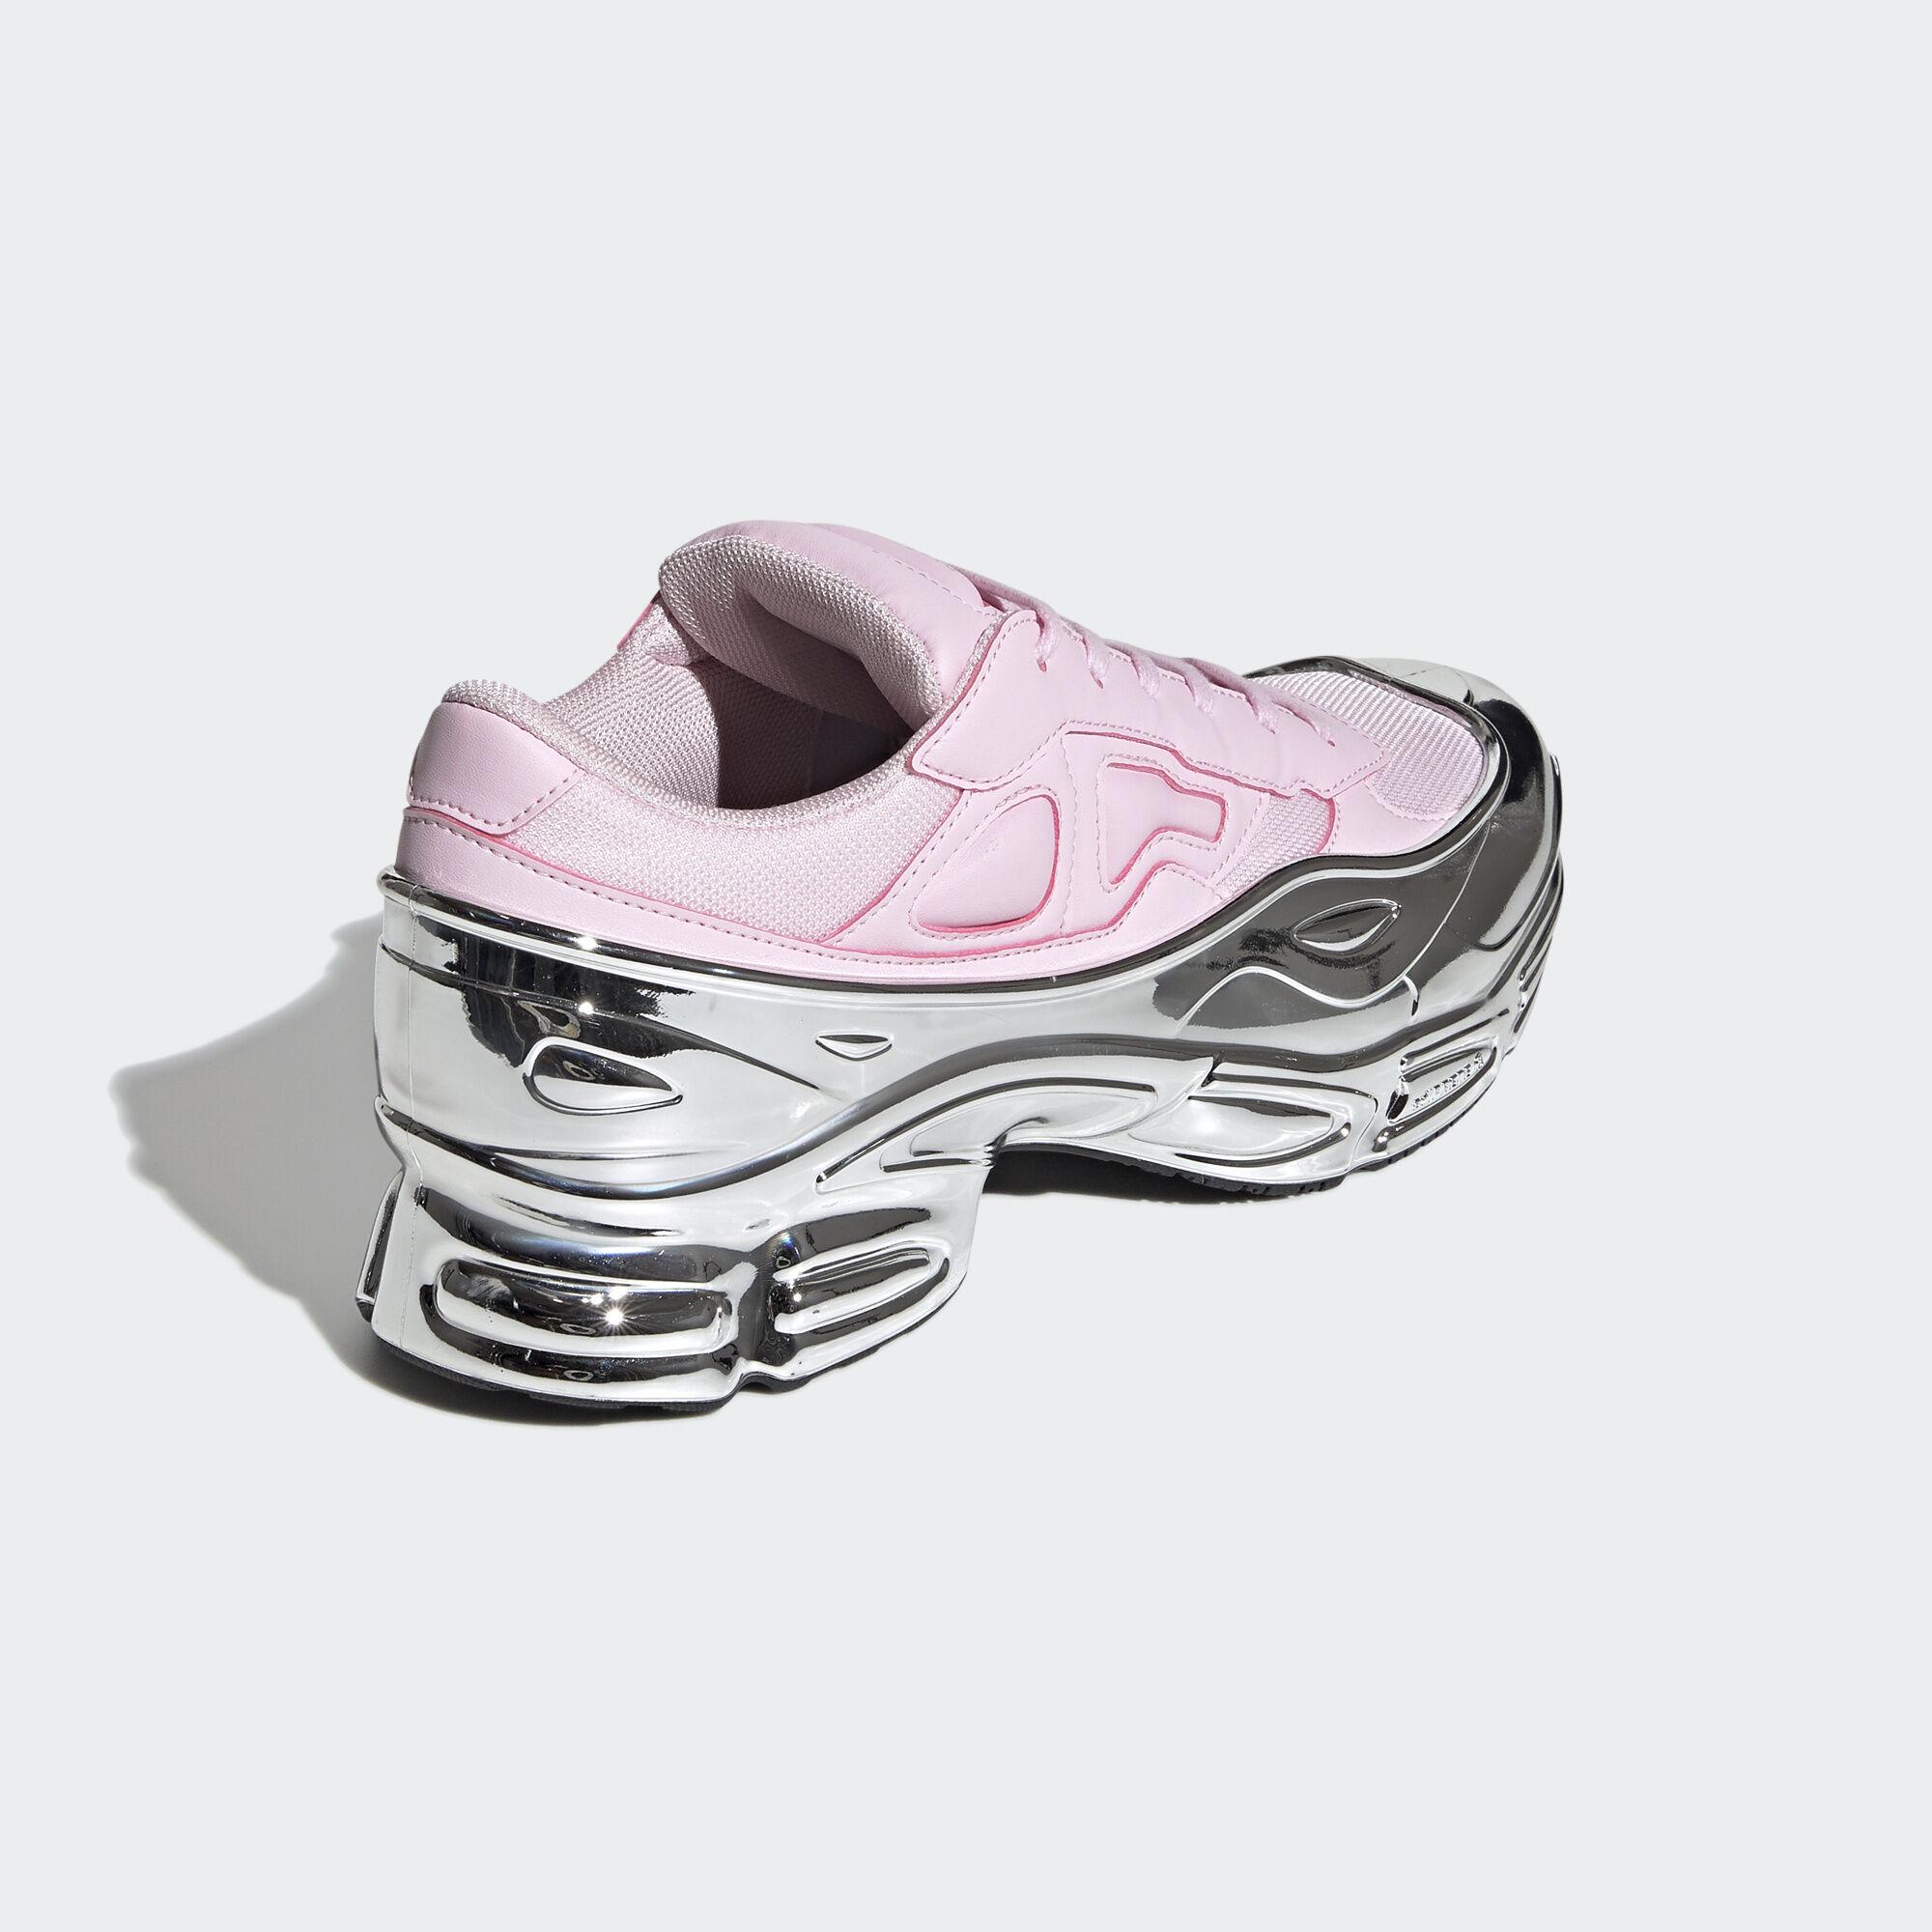 Adidas RS Ozweego Clear Pink / Silver Met. / Silver Met. (EE7947)